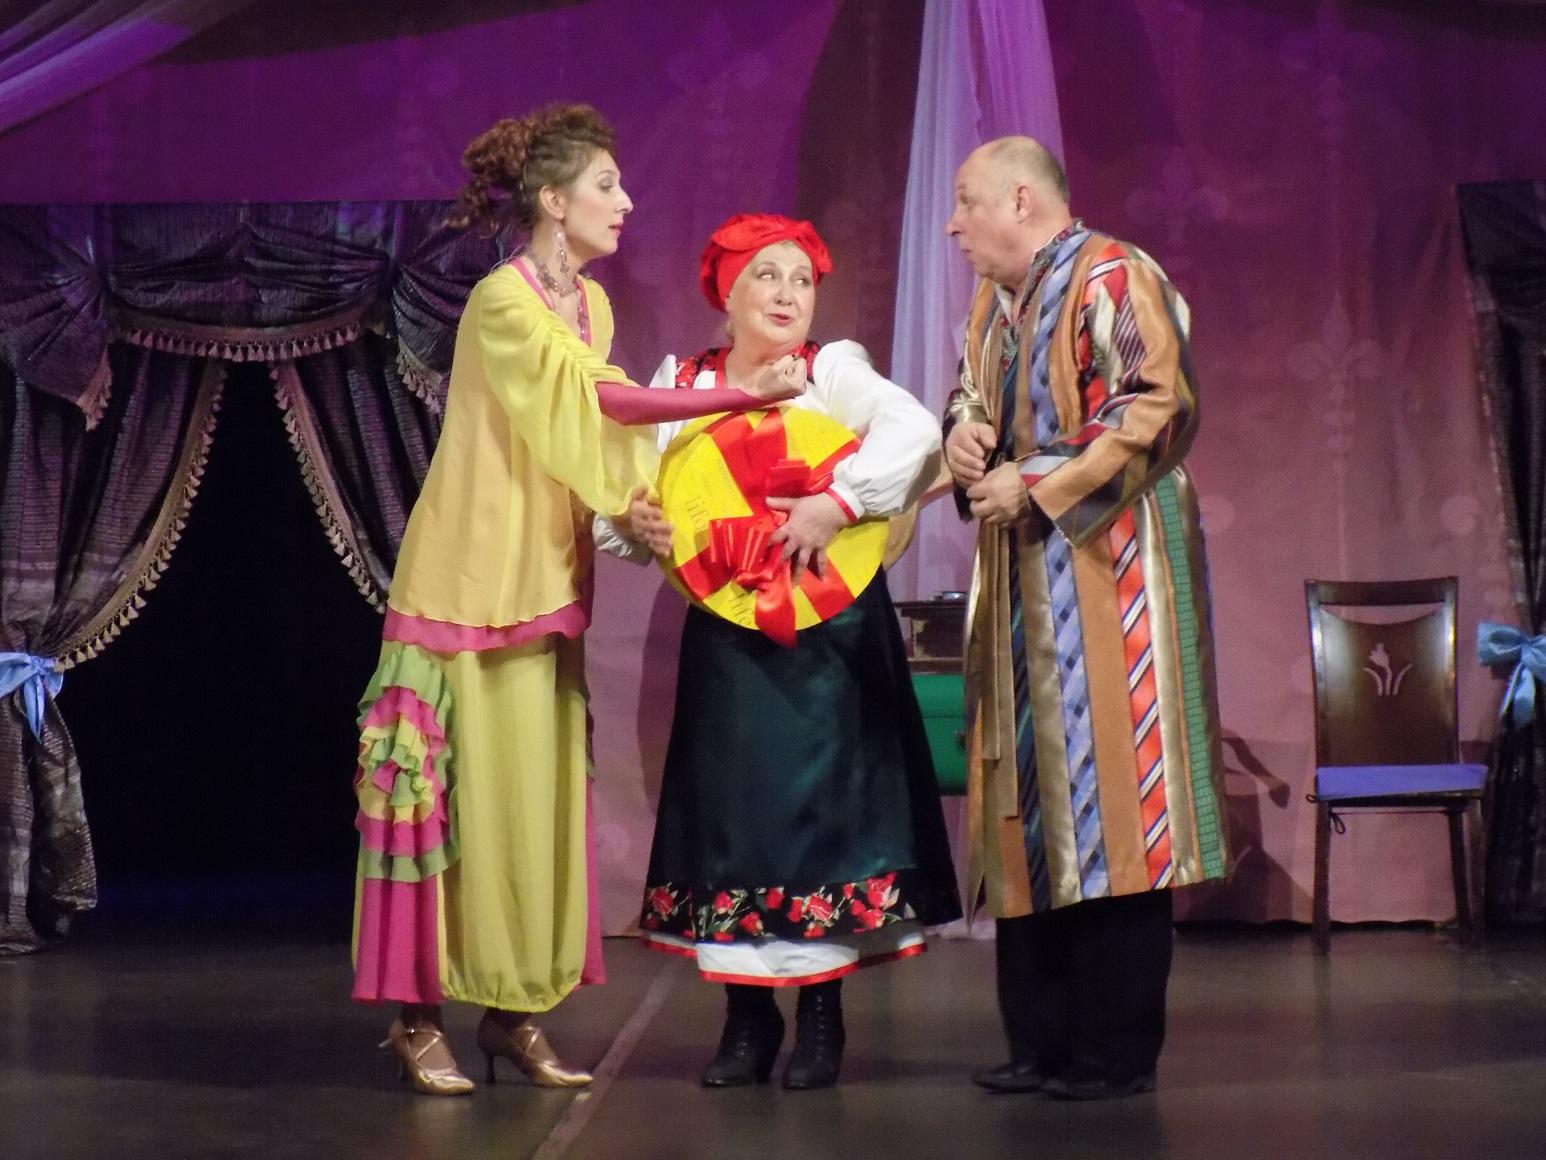 89-й сезон театральный сезон в запорожском театре им. В.Г. Магара ознаменовался премьерой «За двома зайцями»